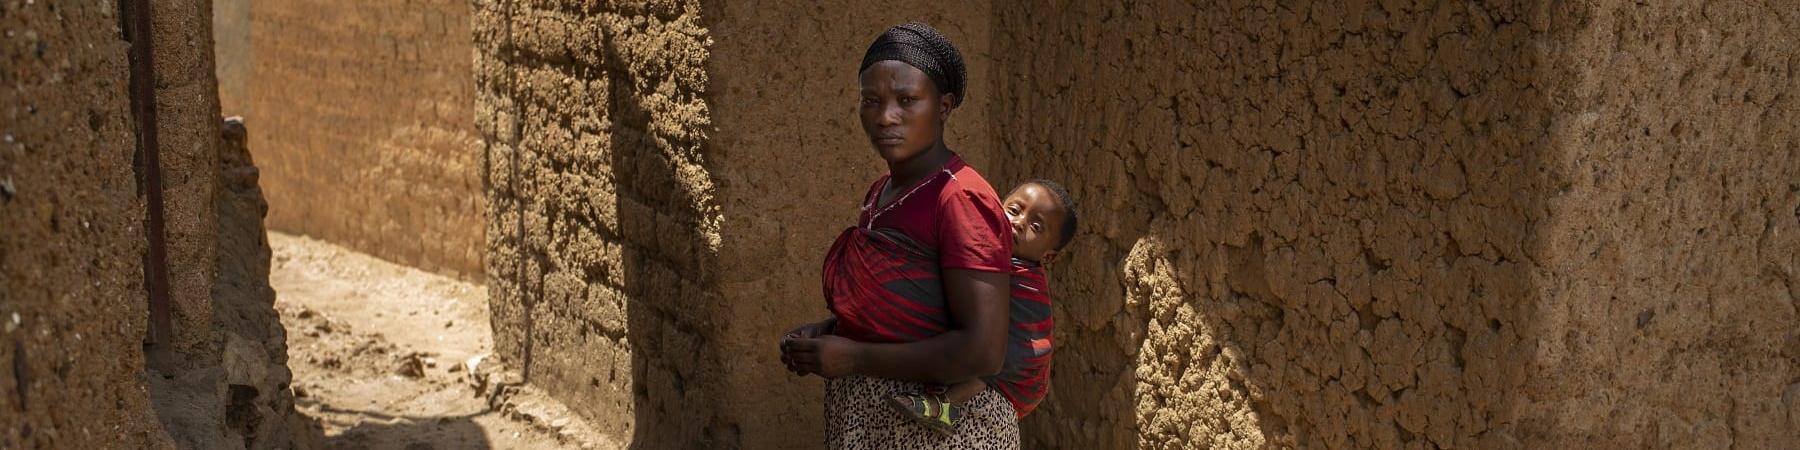 Donna ruandese in piedi tra due mura porta sulle spalle un bambino neonato nella fascia. Lei indossa una maglia rosa e una lunga gonna marrone.